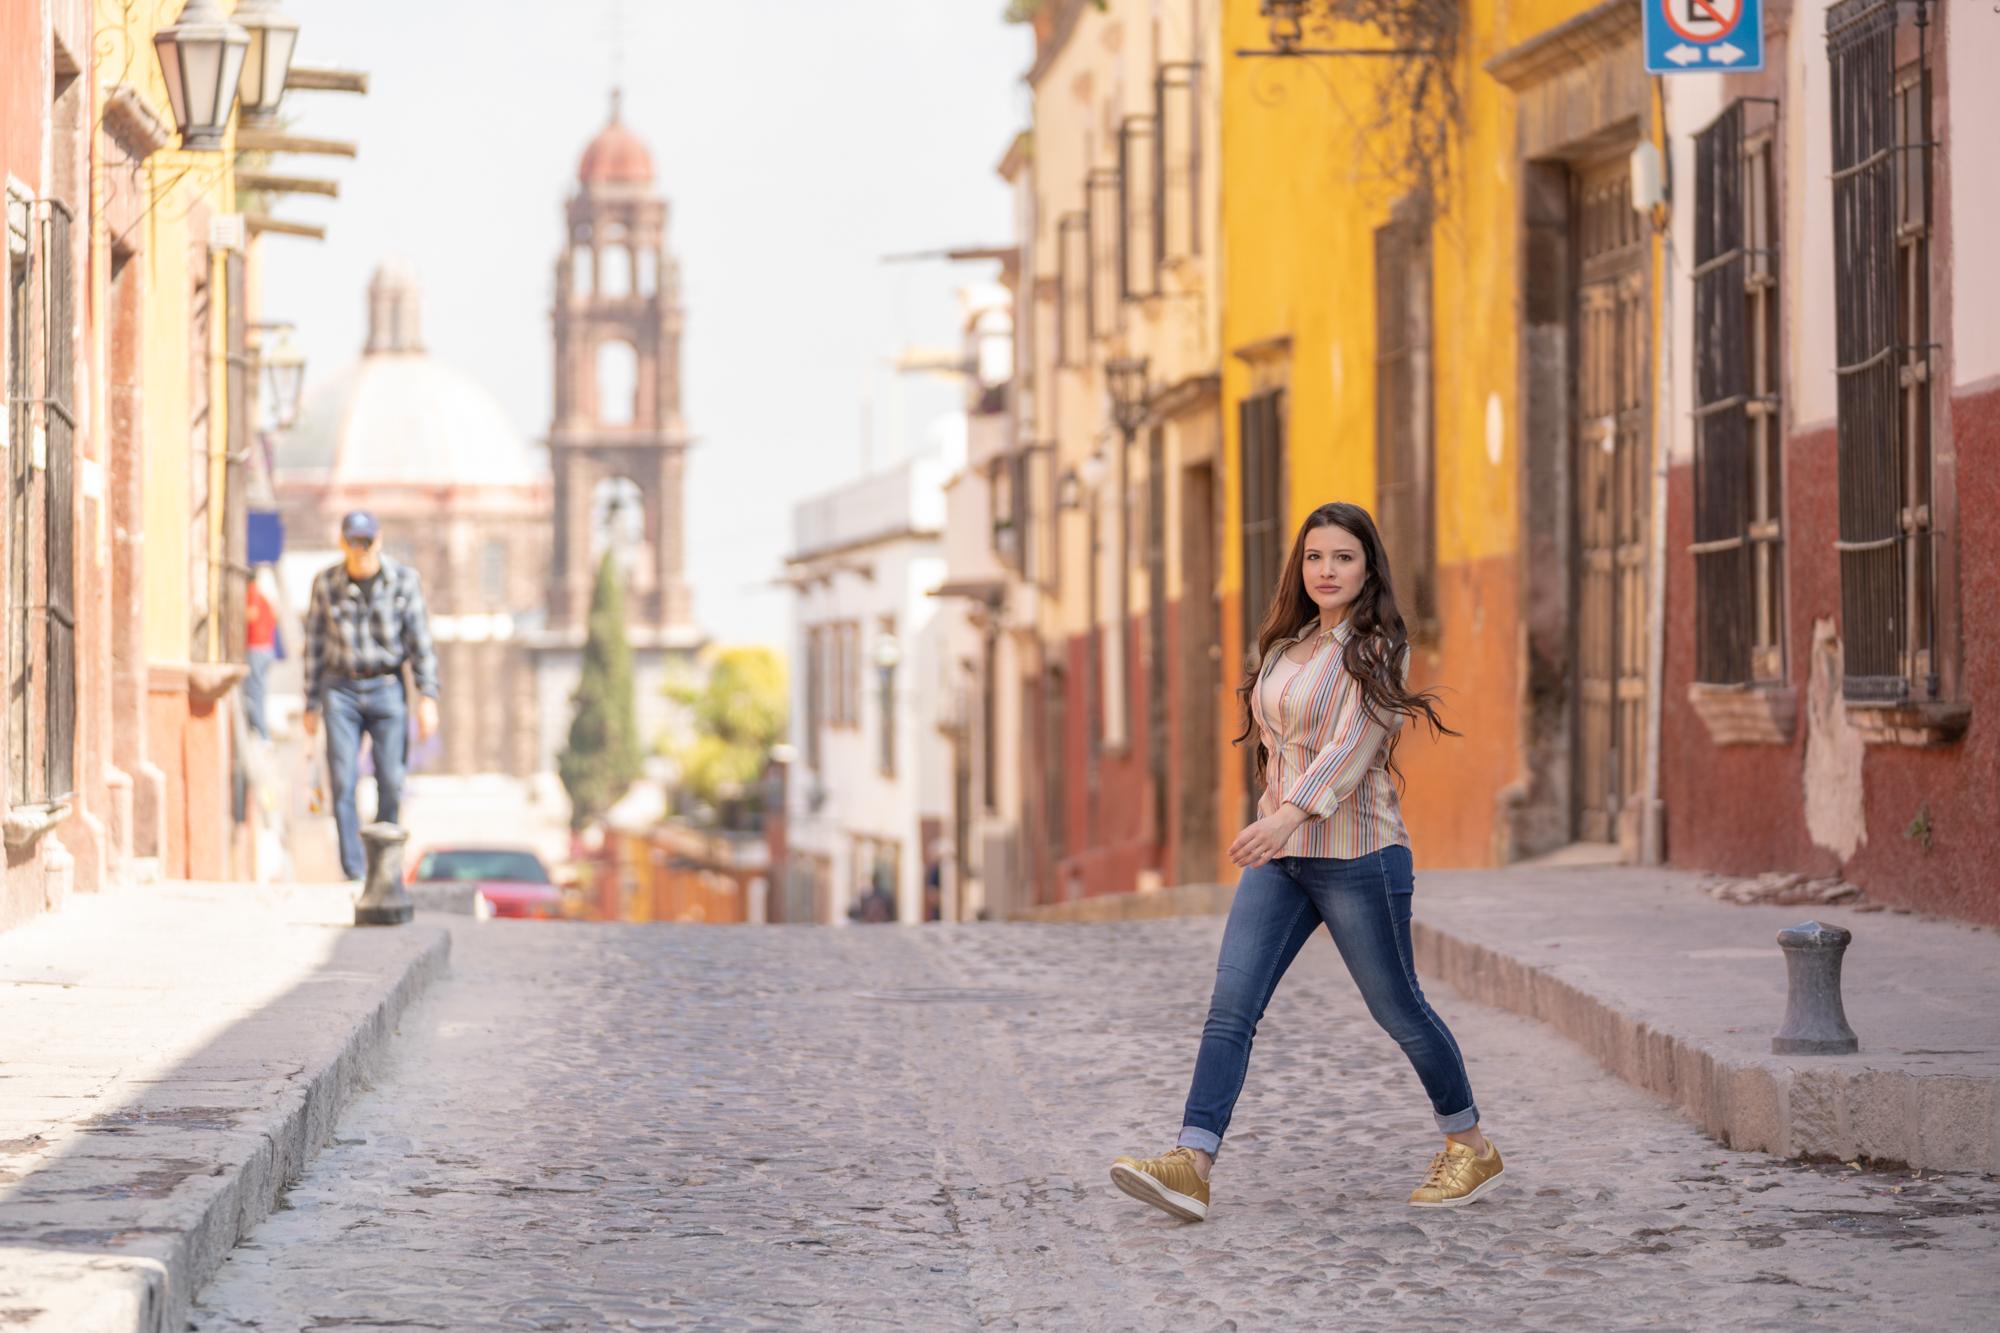 Sesion de Fotos en San Miguel de Allende con Rogelio y su Fmailia-30.jpg